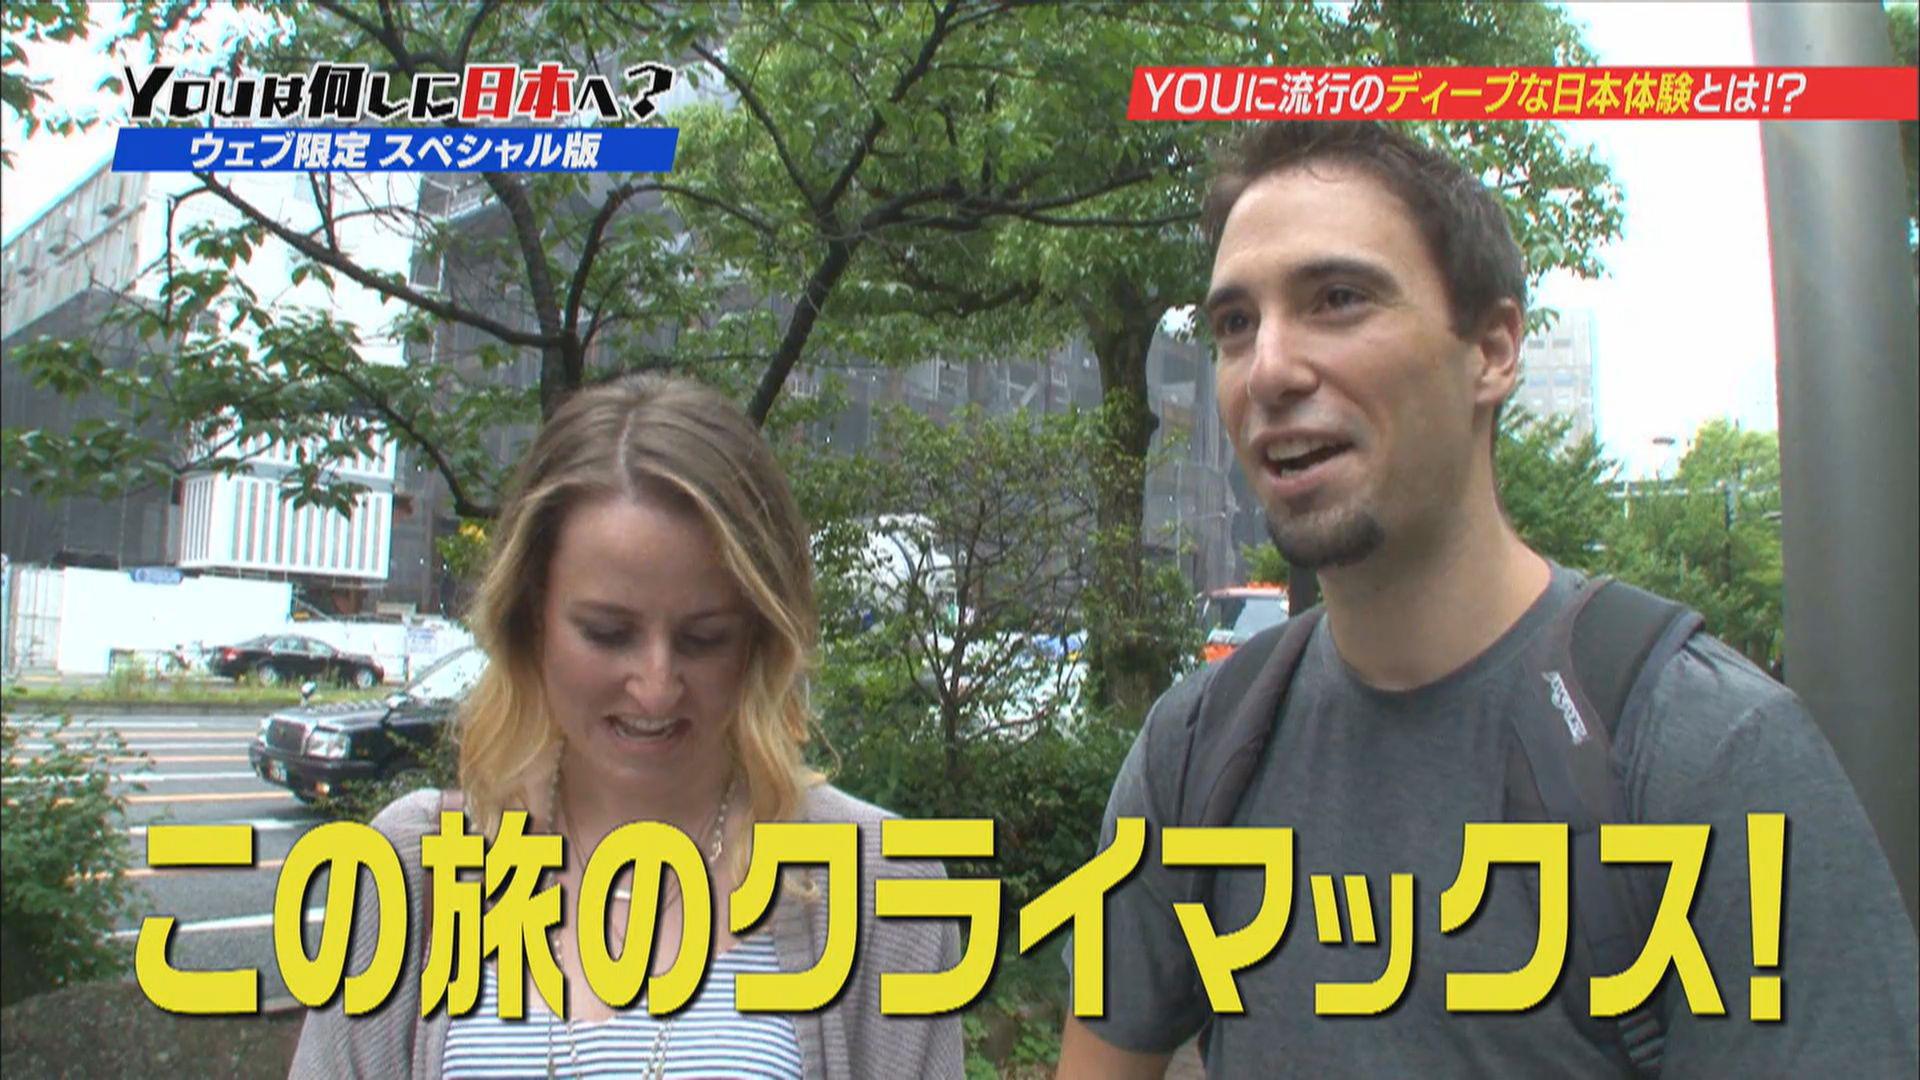 流行YOUは何しに日本へ?【シリーズ配信中!】